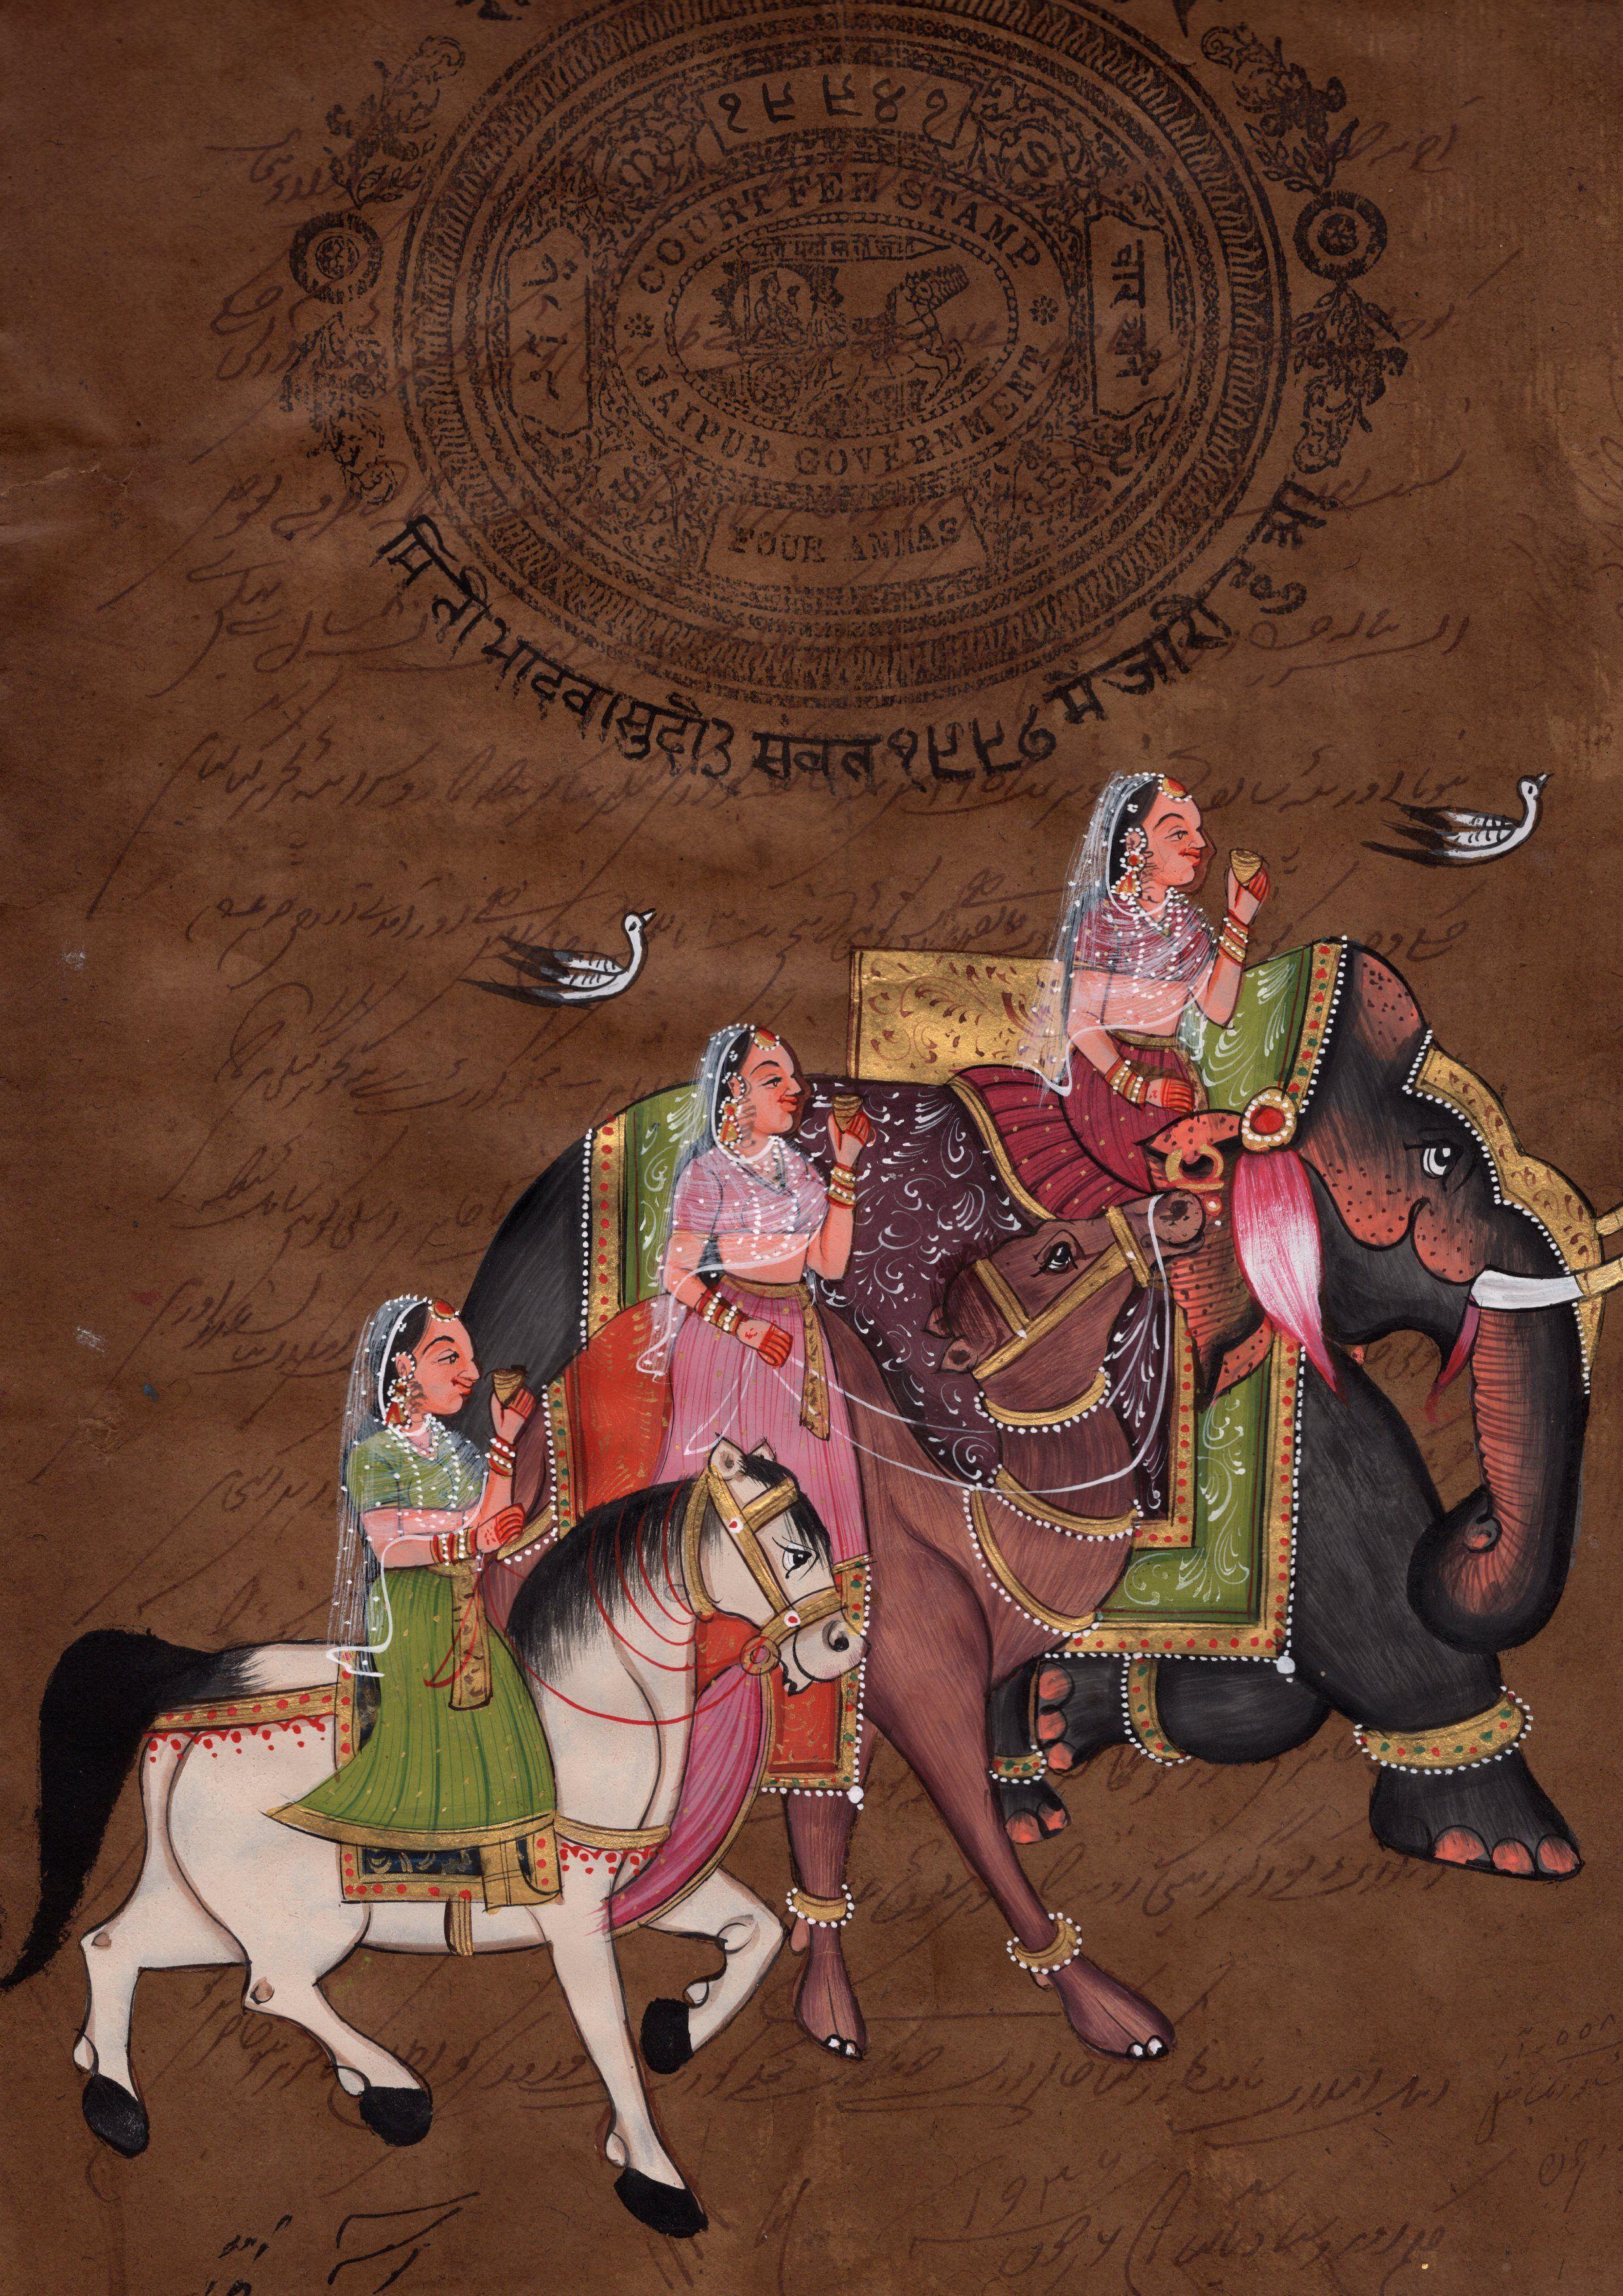 Pin on Charming Rajasthani Artwork